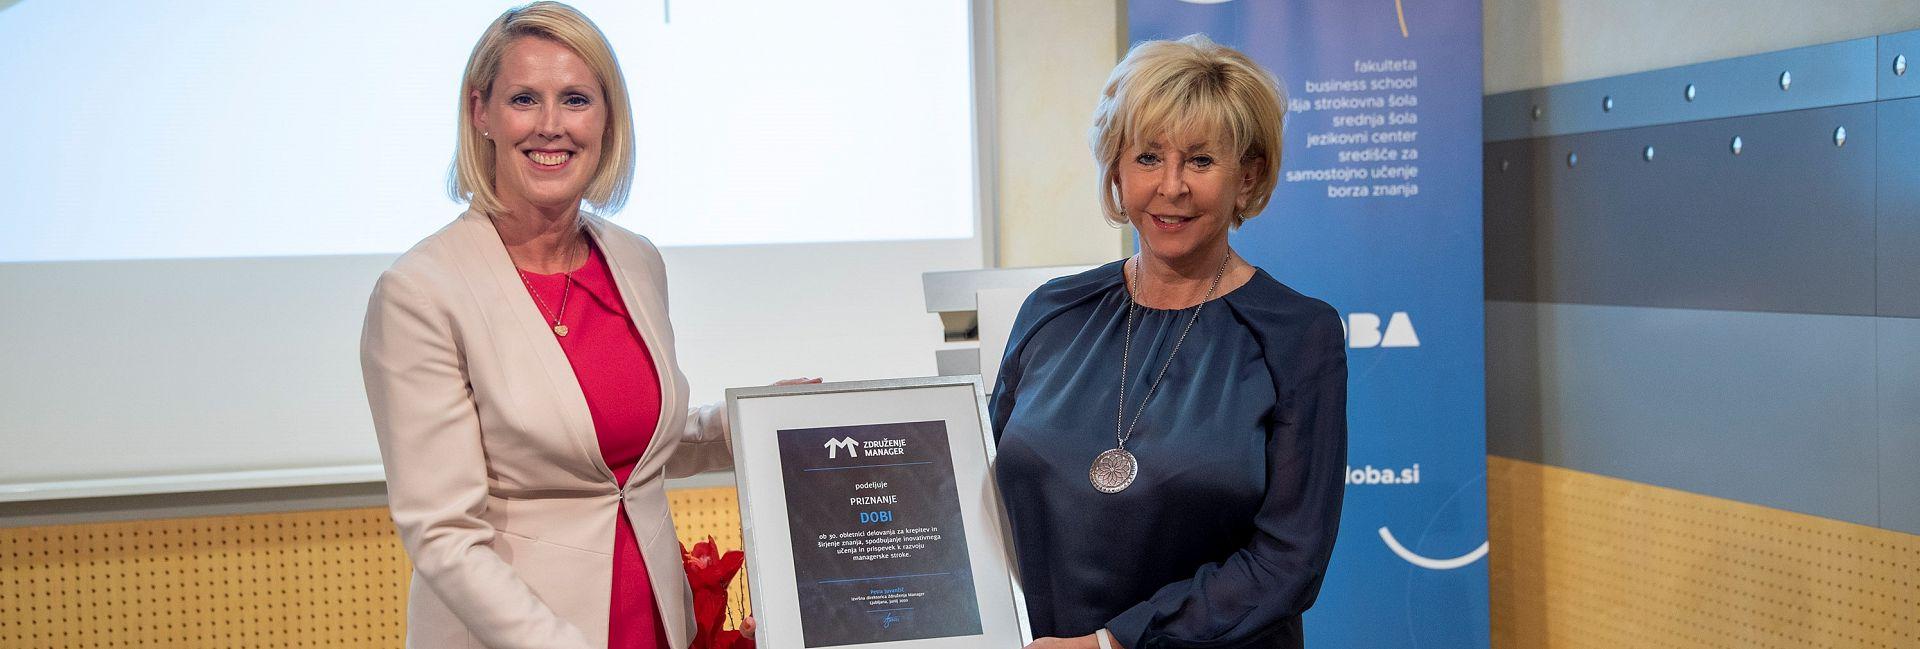 DOBA prejela priznanje Združenja manager